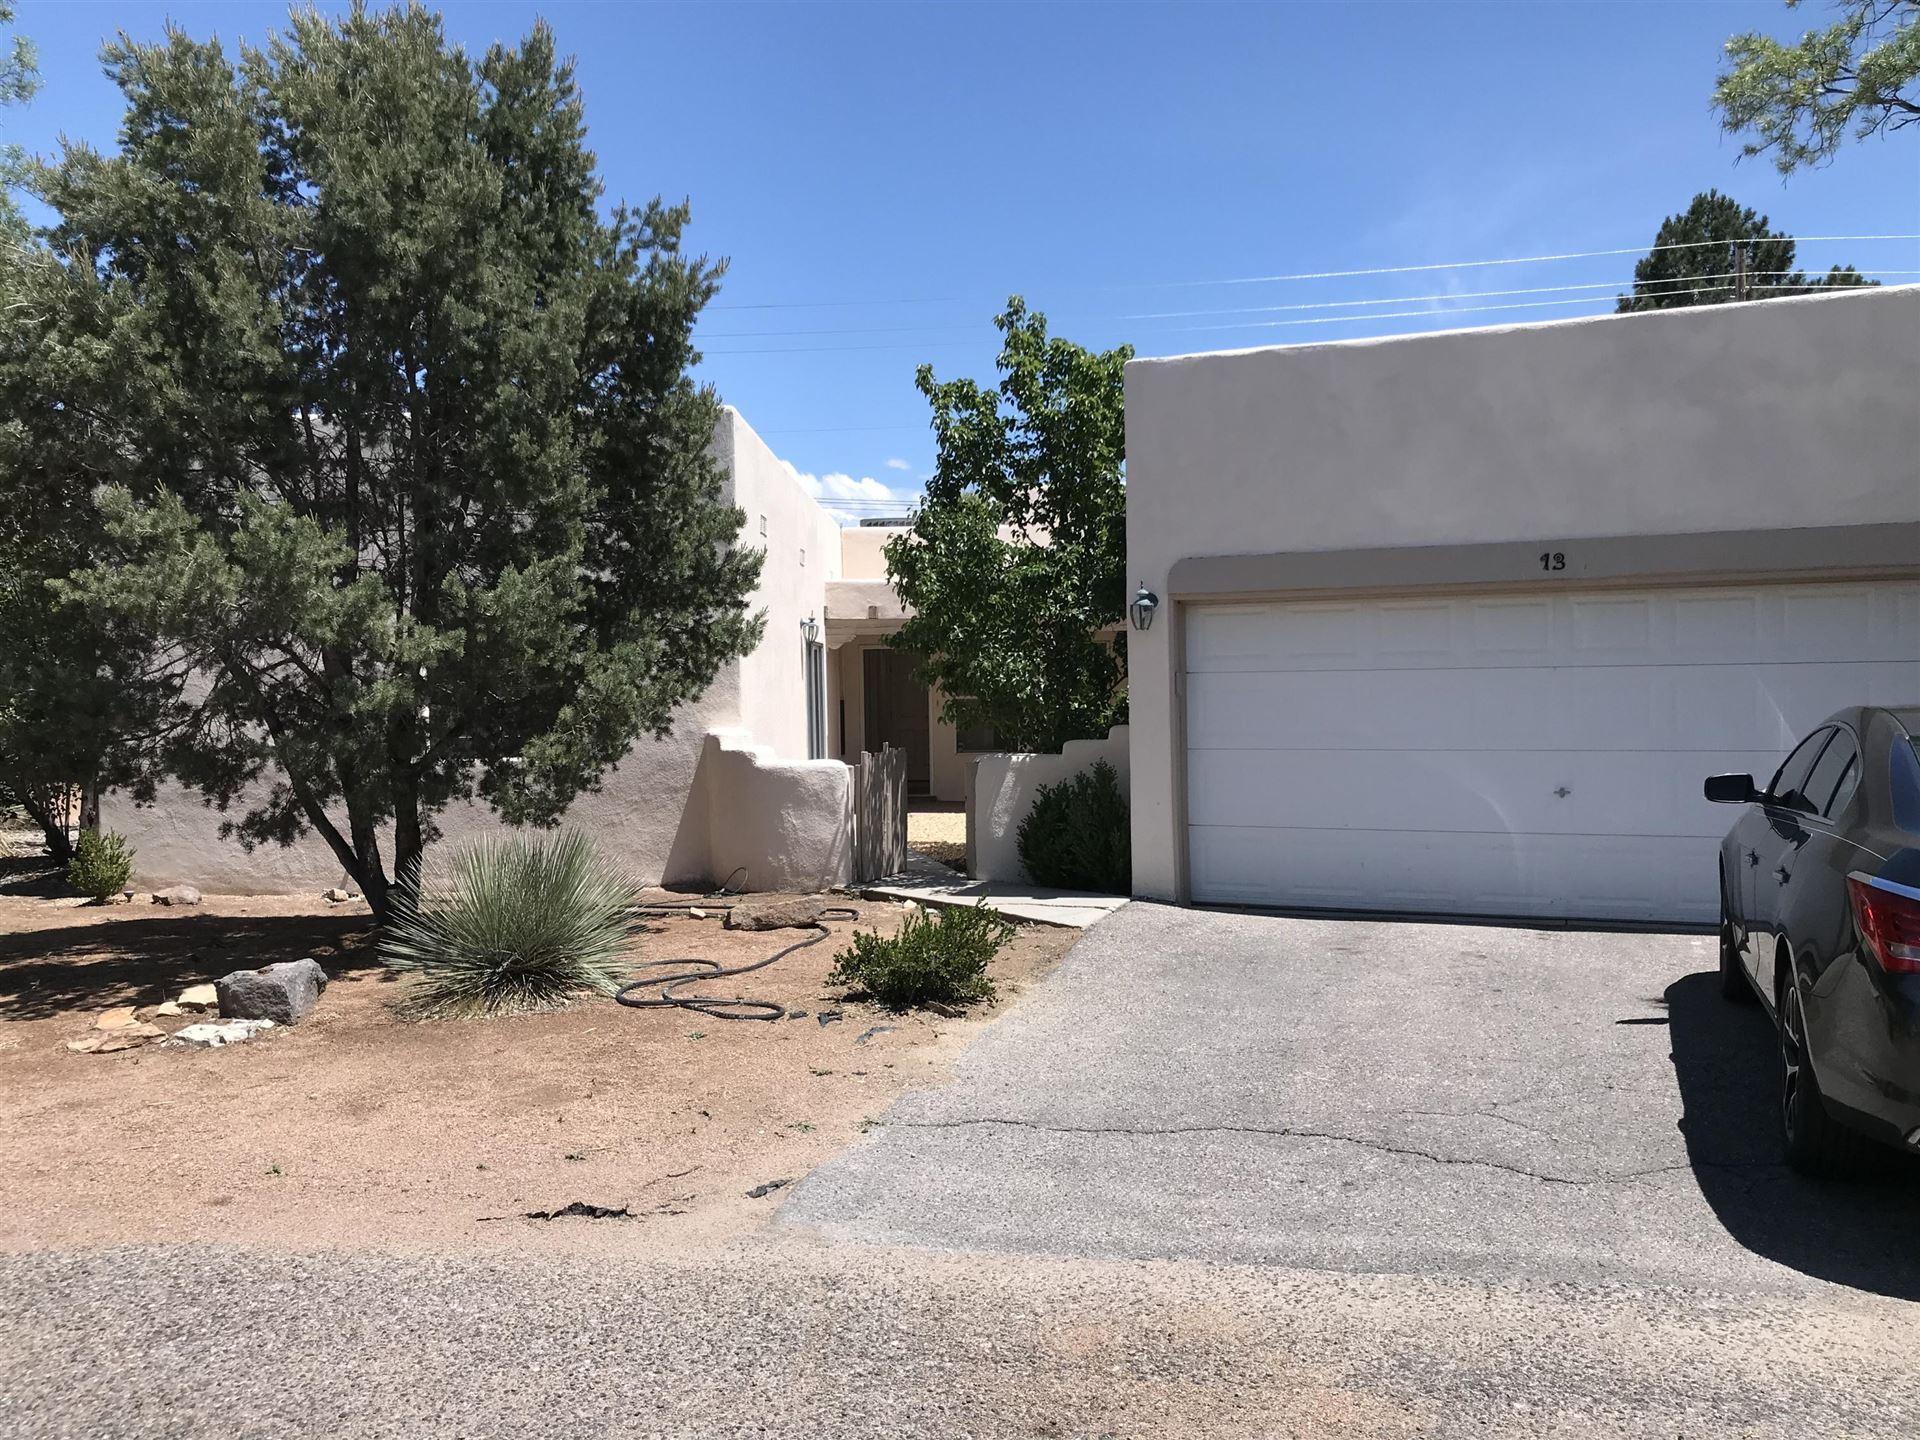 Photo of 8301 4TH Street NW #13, Los Ranchos, NM 87114 (MLS # 969785)